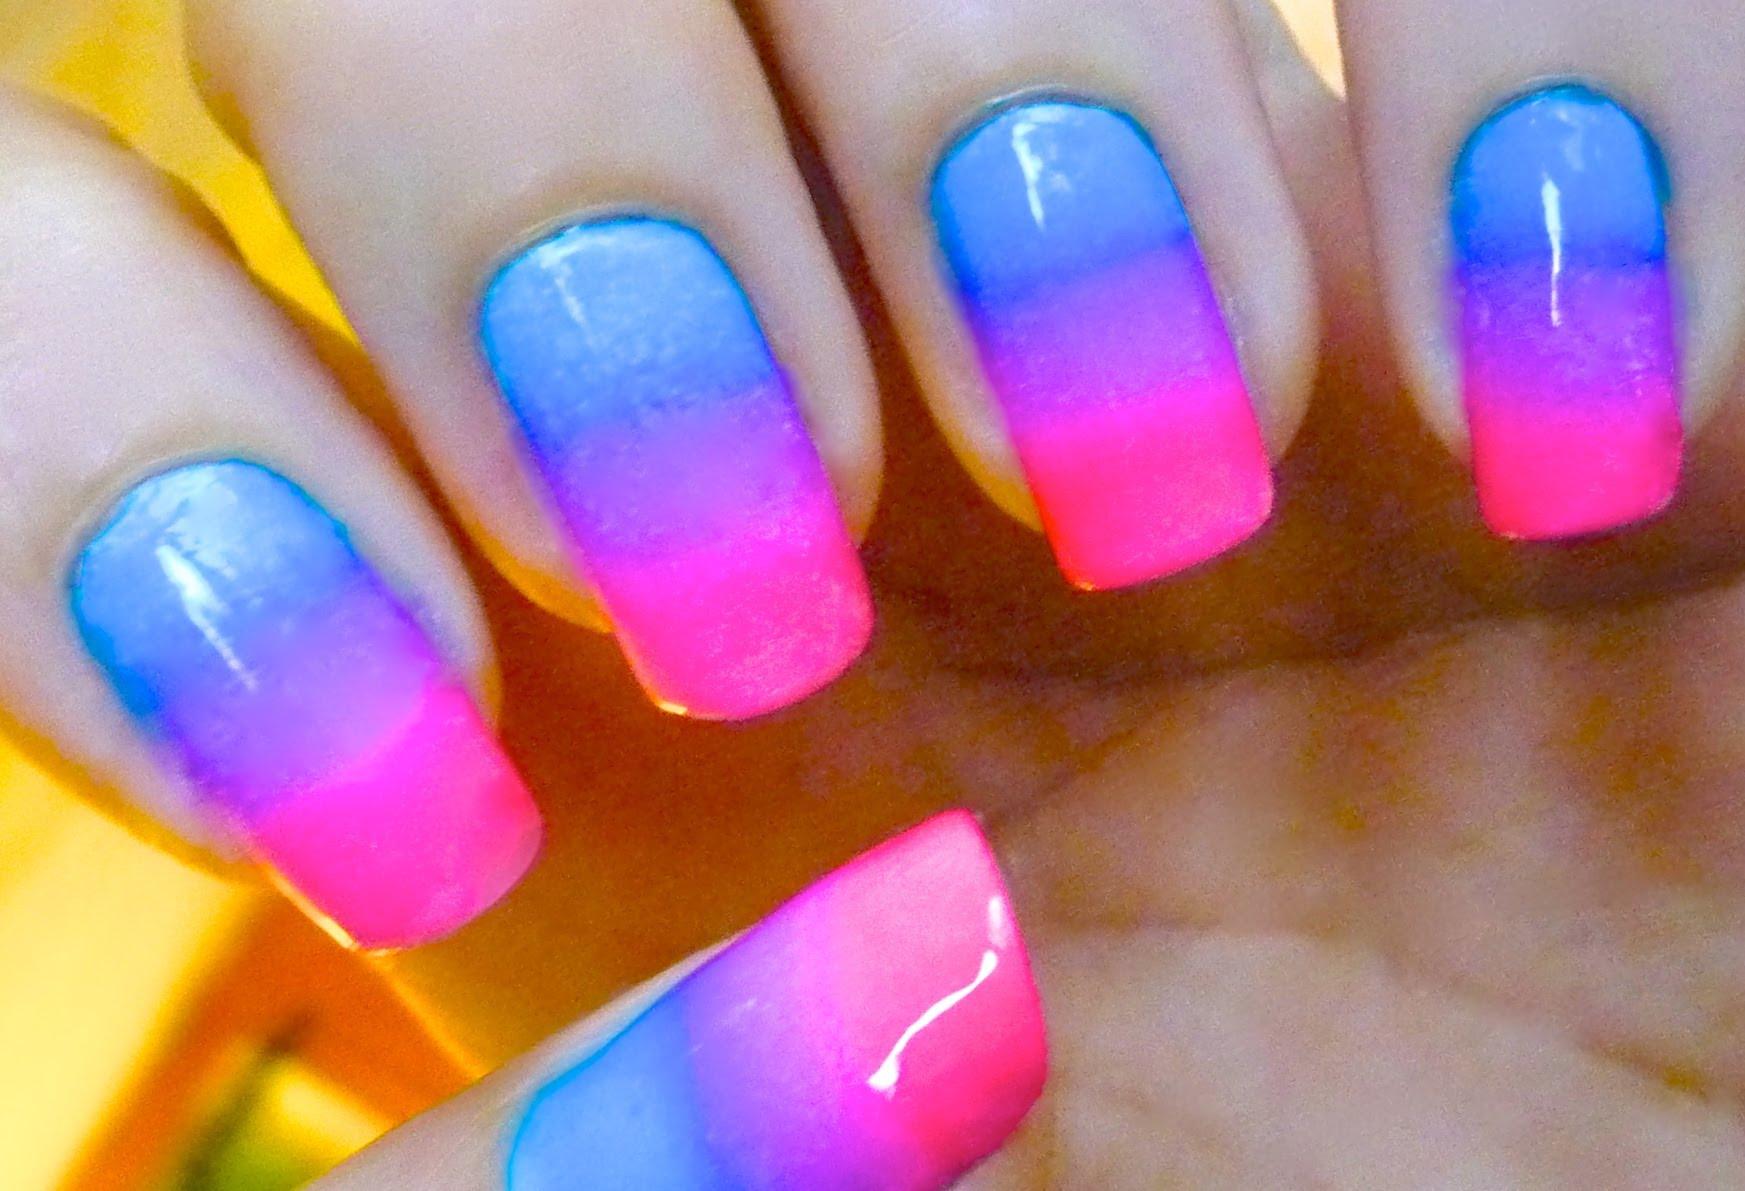 12 Blue And Pink Nail Art Design Images , Pink Acrylic Nail